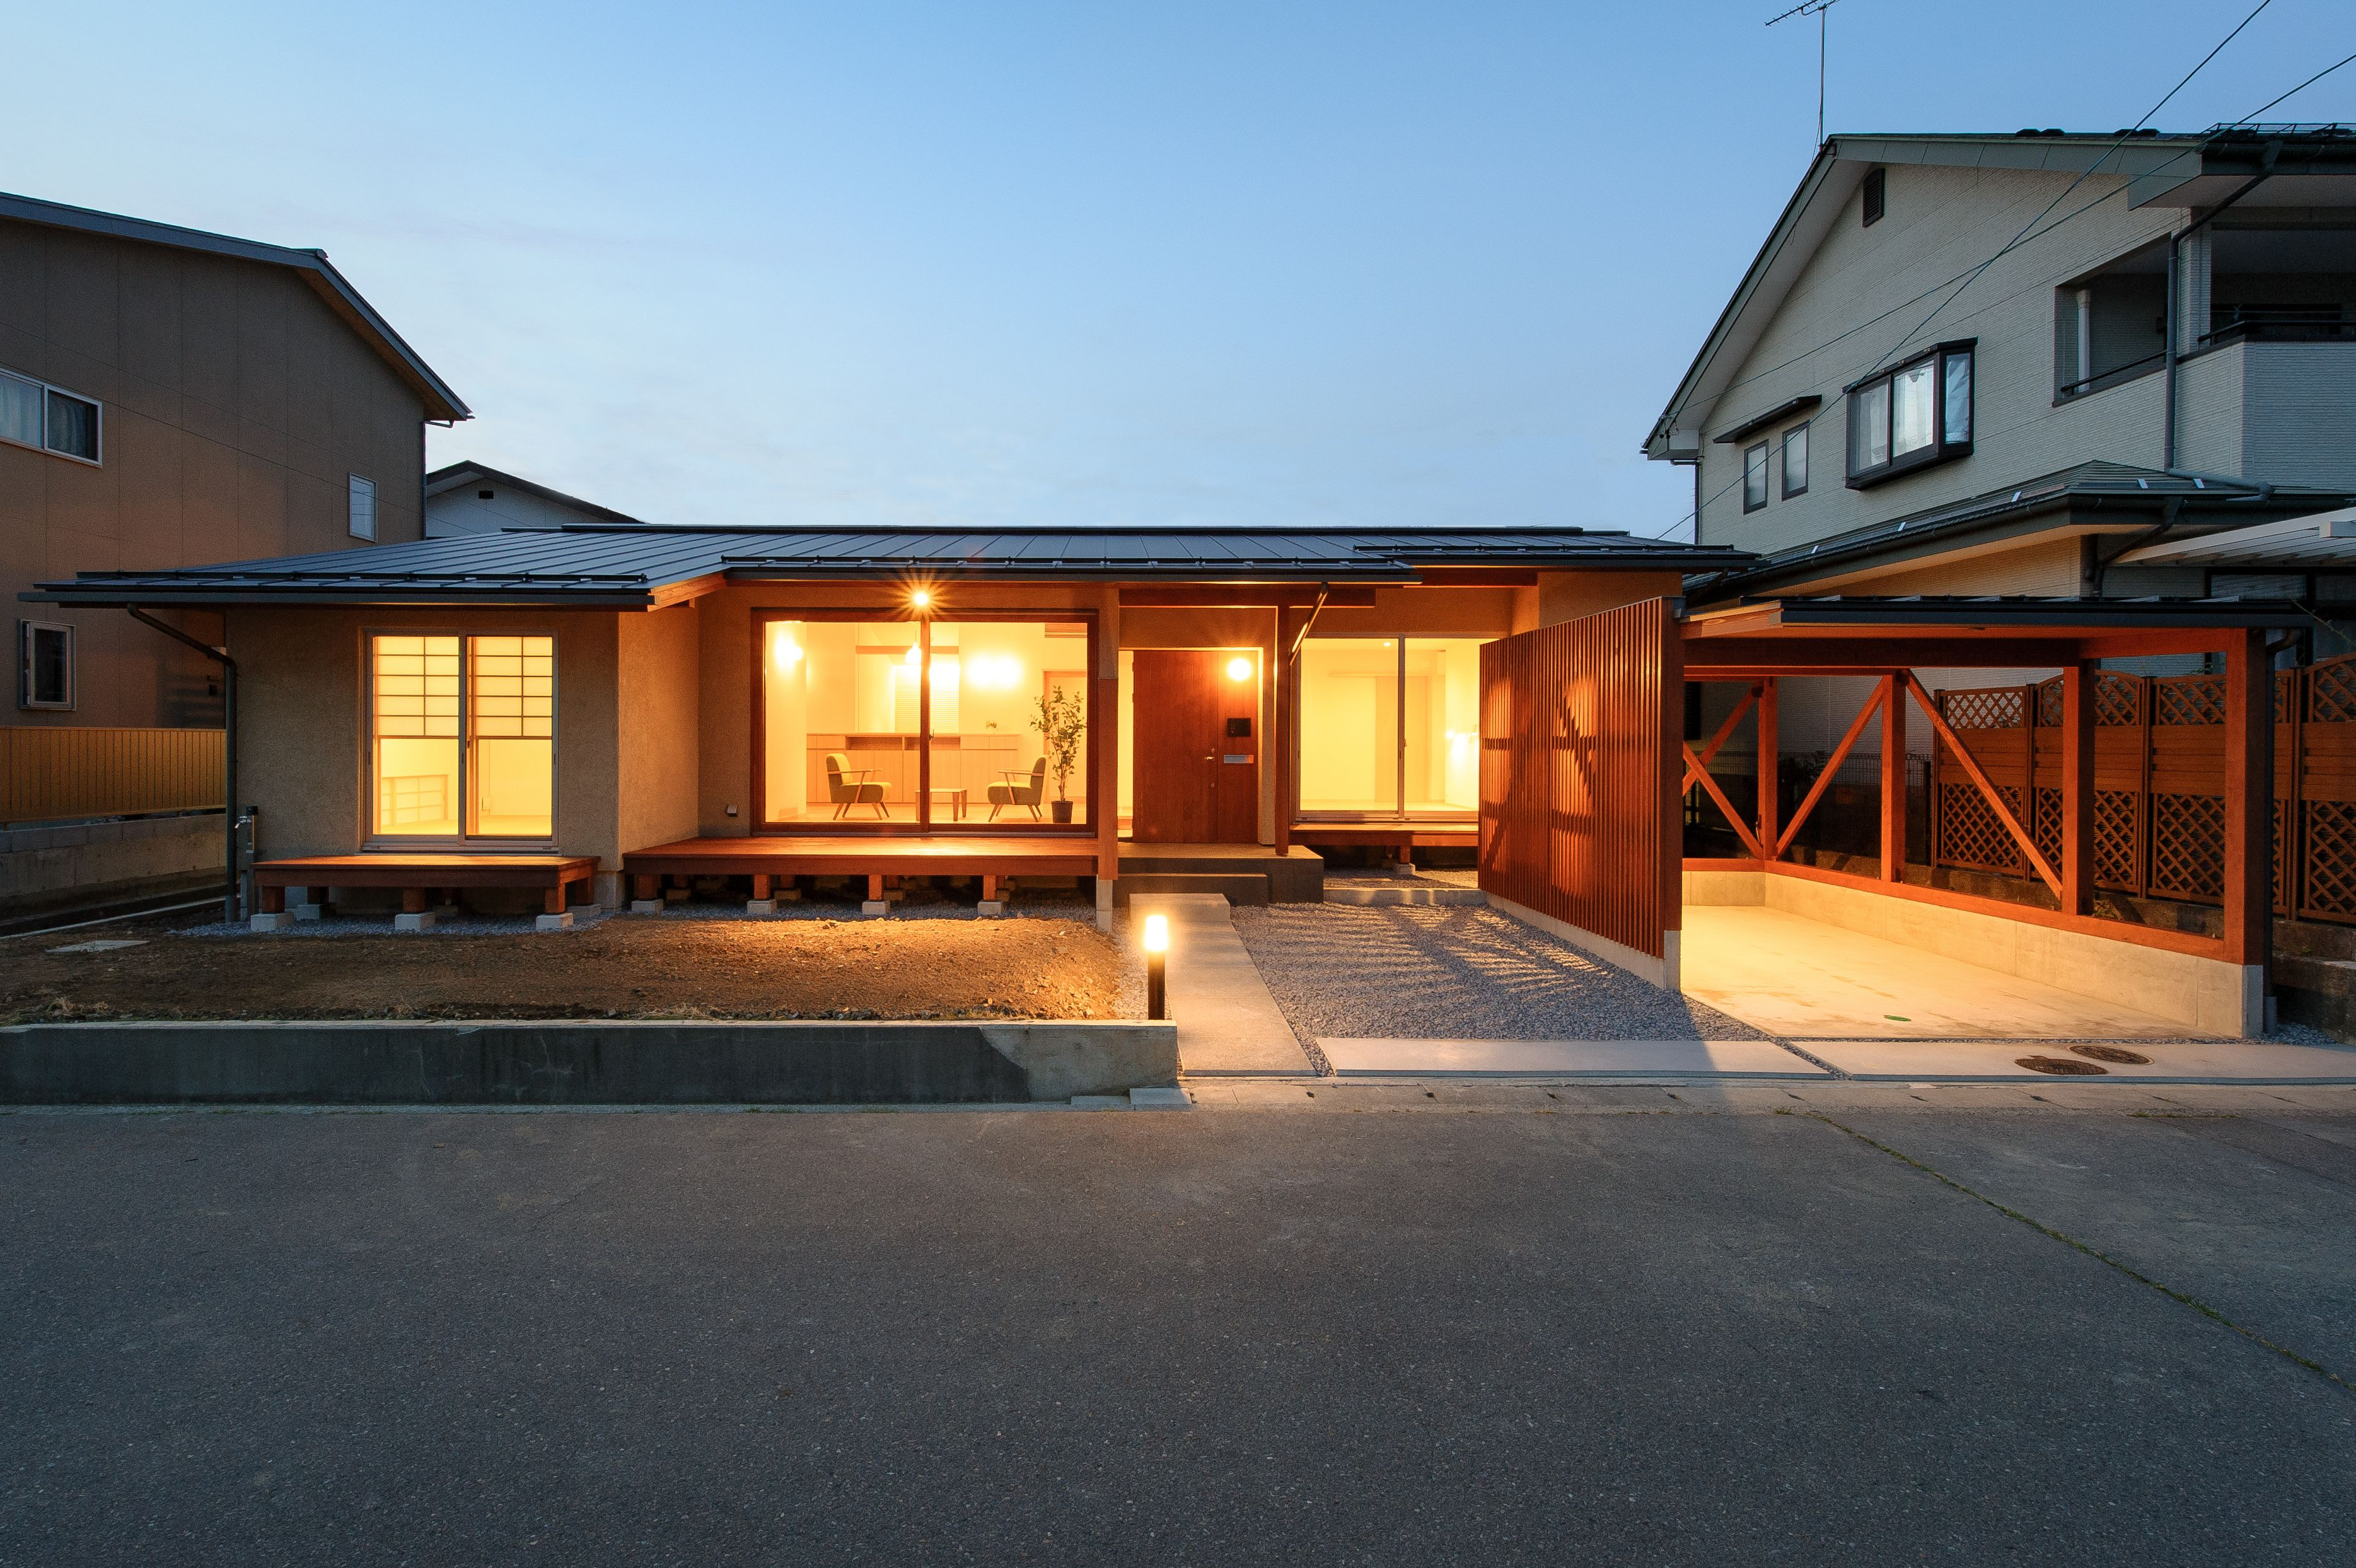 長野市の注文住宅写真集 高田の家を建てる工務店 ホームウェア 家 注文住宅